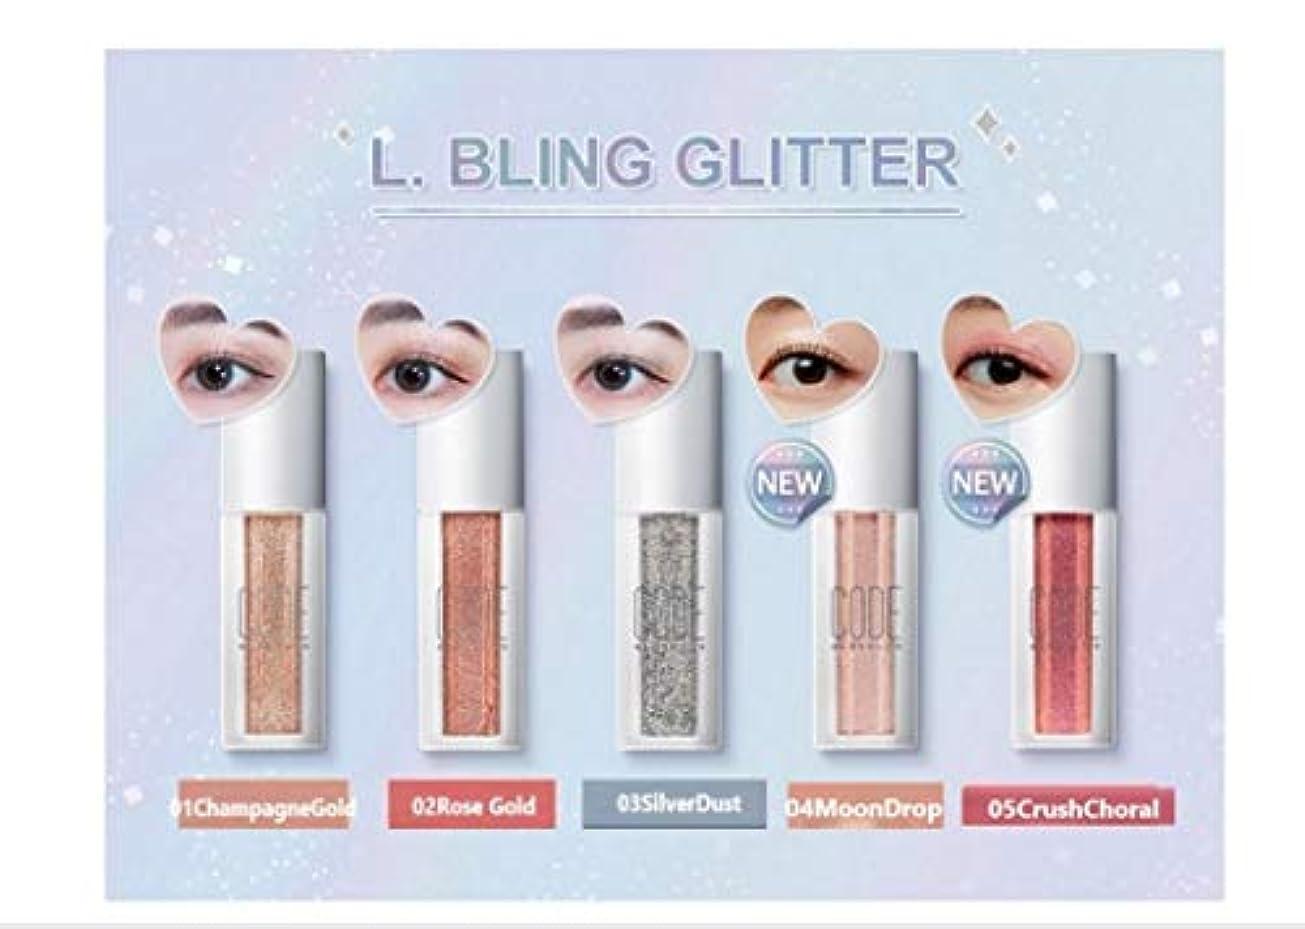 顧問ロンドン小さいCOOD☆Bling Glitter ブリング グリッターアイシャドウ 4.5g/NEW 2色[並行輸入品] (#05CrushChoral)